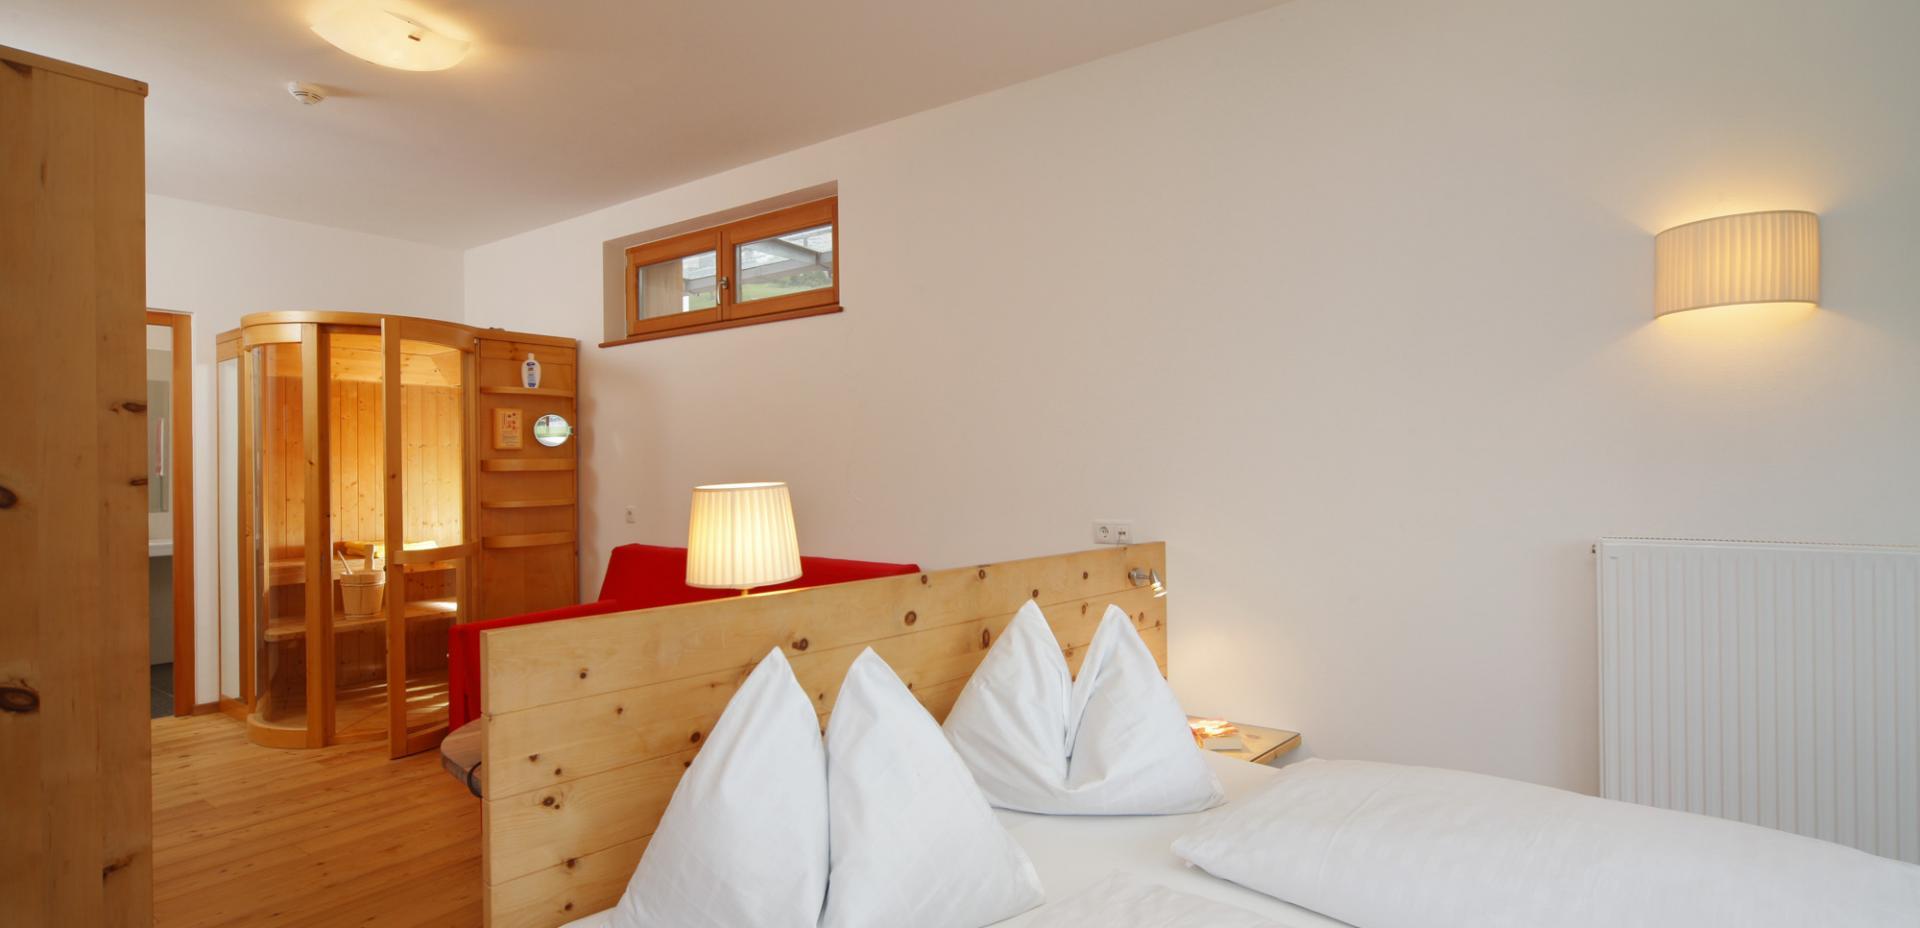 Hotel mit halbpension in st walburg im urigen ultental for Designhotel ultental